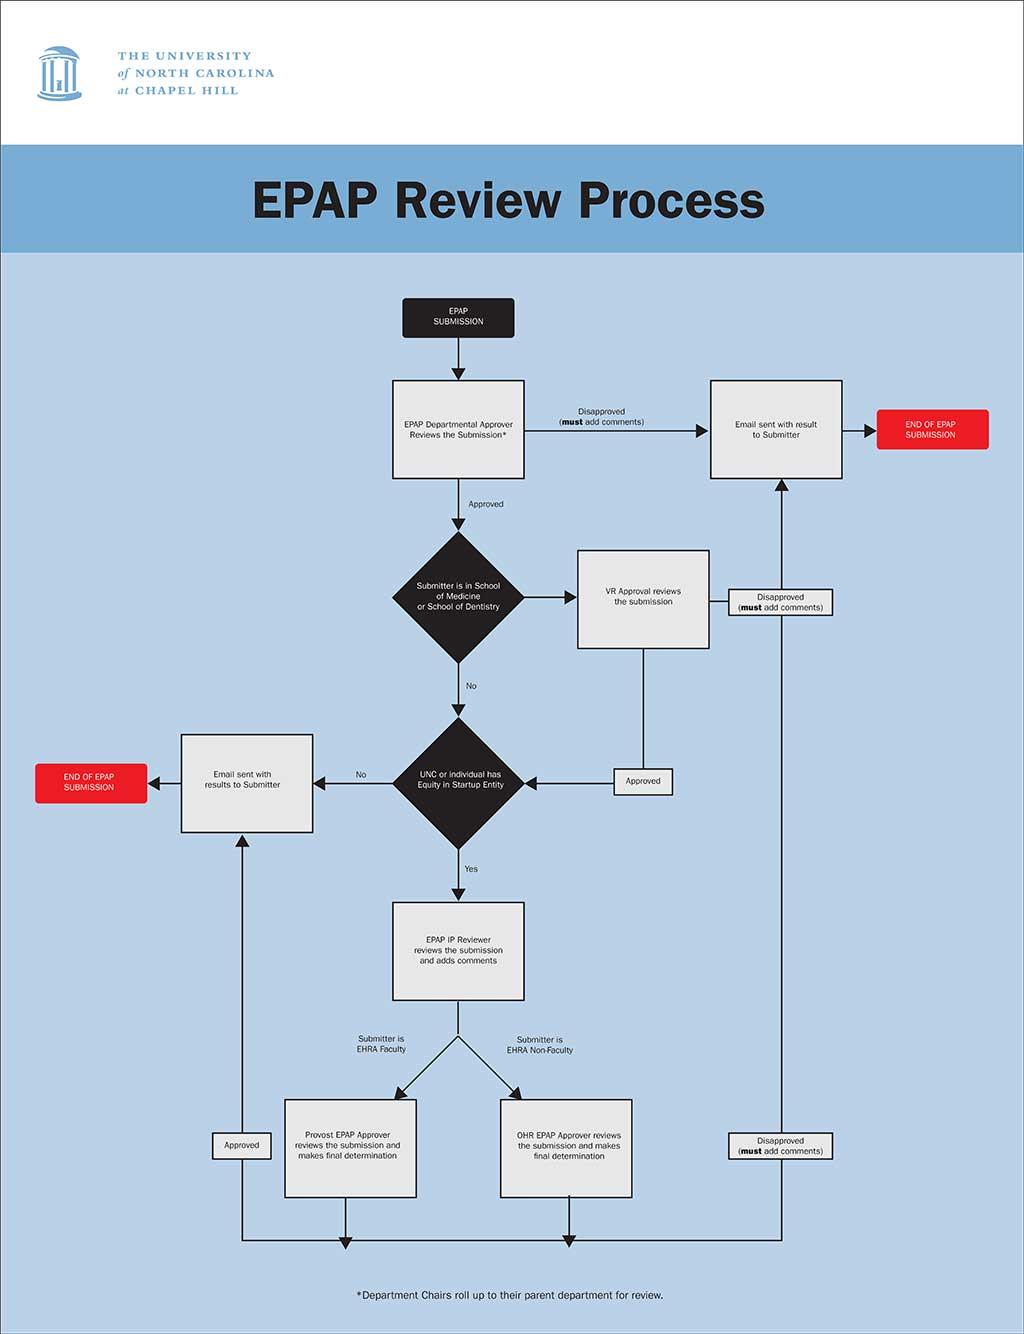 EPAP Review Process